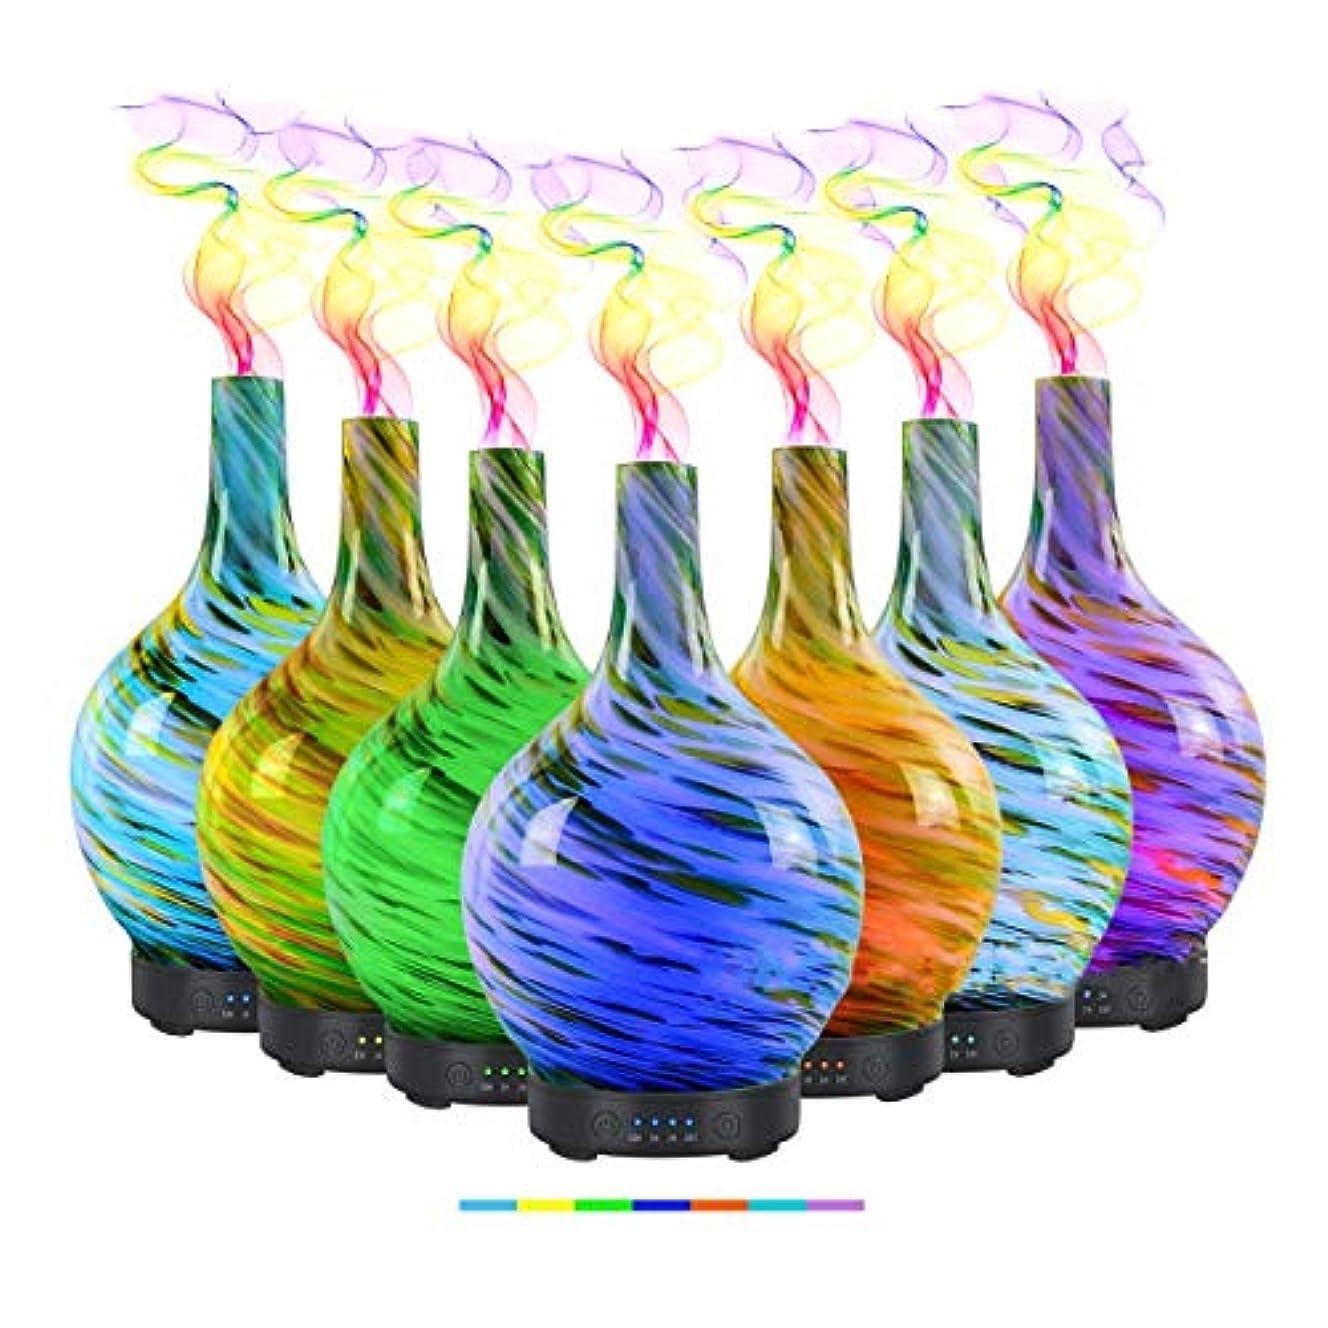 嫉妬水平電話するディフューザーエッセンシャルオイル (100ml)-3 d アートガラス葉海アロマ加湿器7色の変更 LED ライト & 4 タイマー設定、水なしの自動シャットオフ